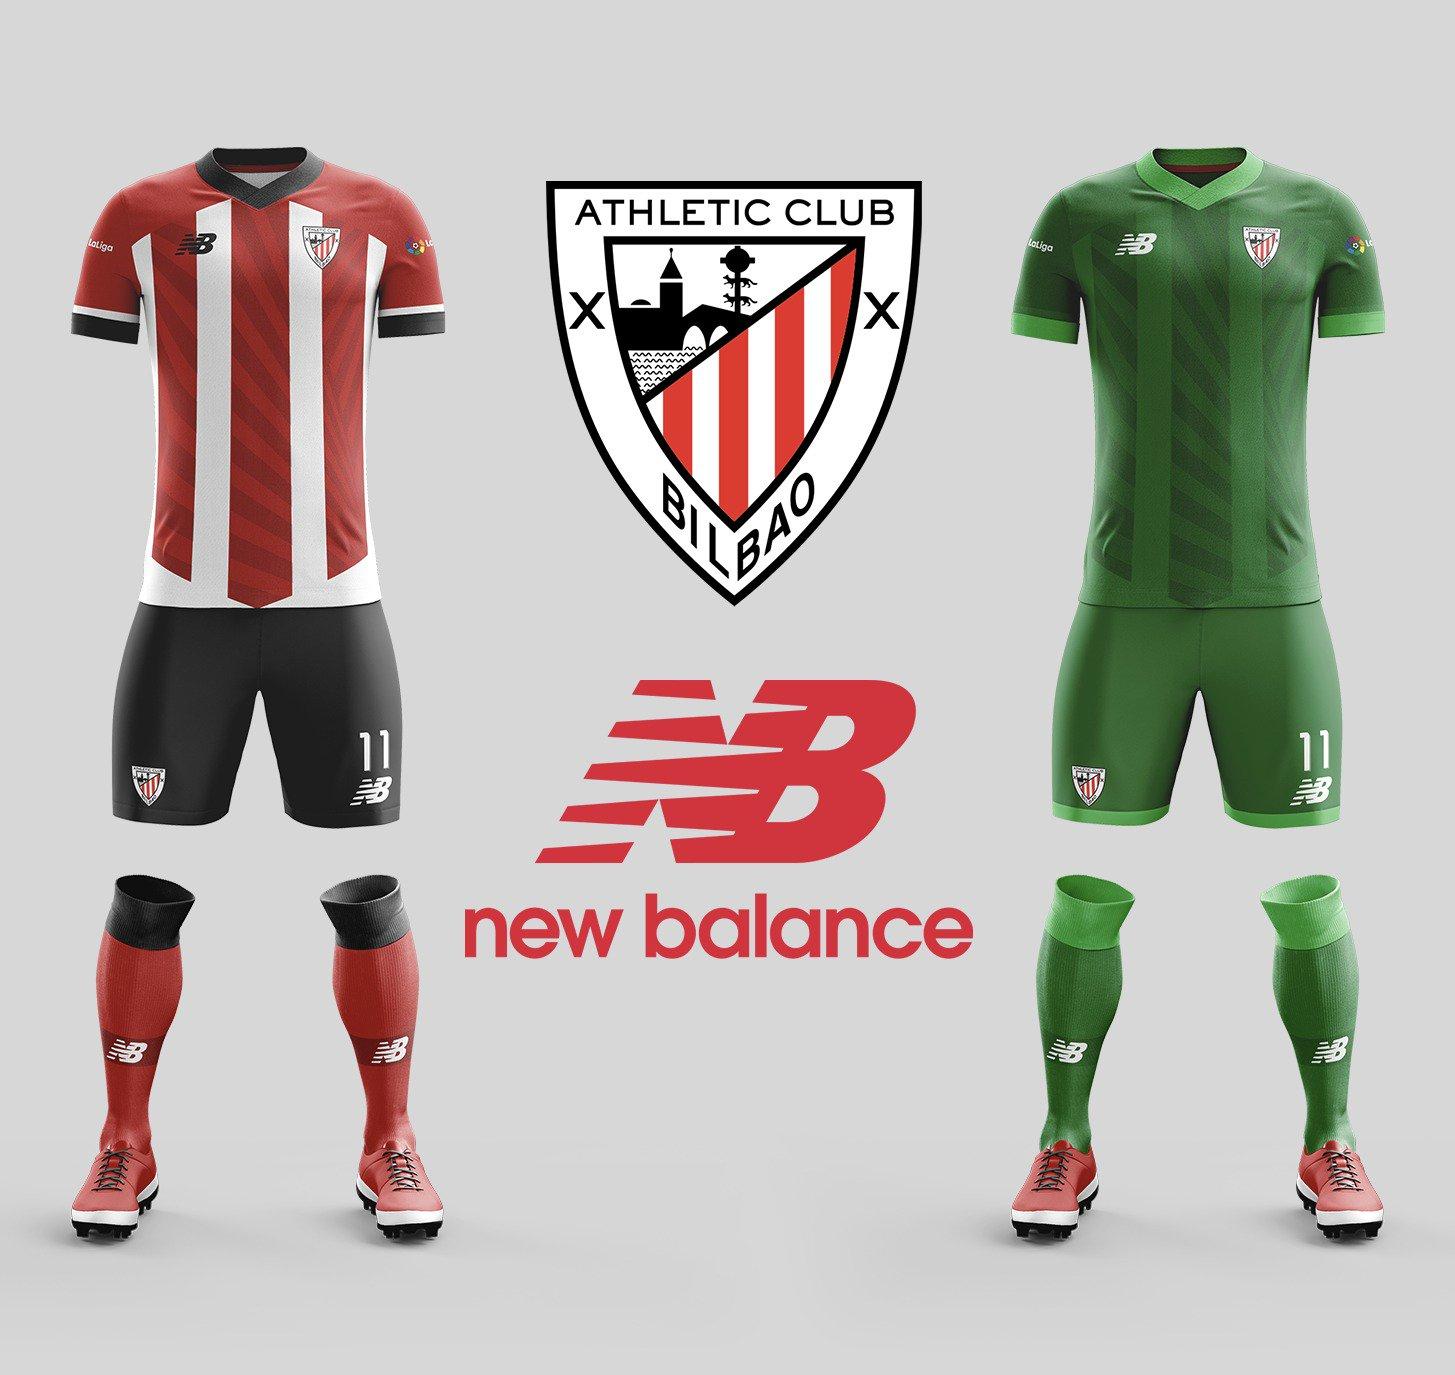 3500fc64d0f6b ¿Será ésta la próxima camiseta del Athletic